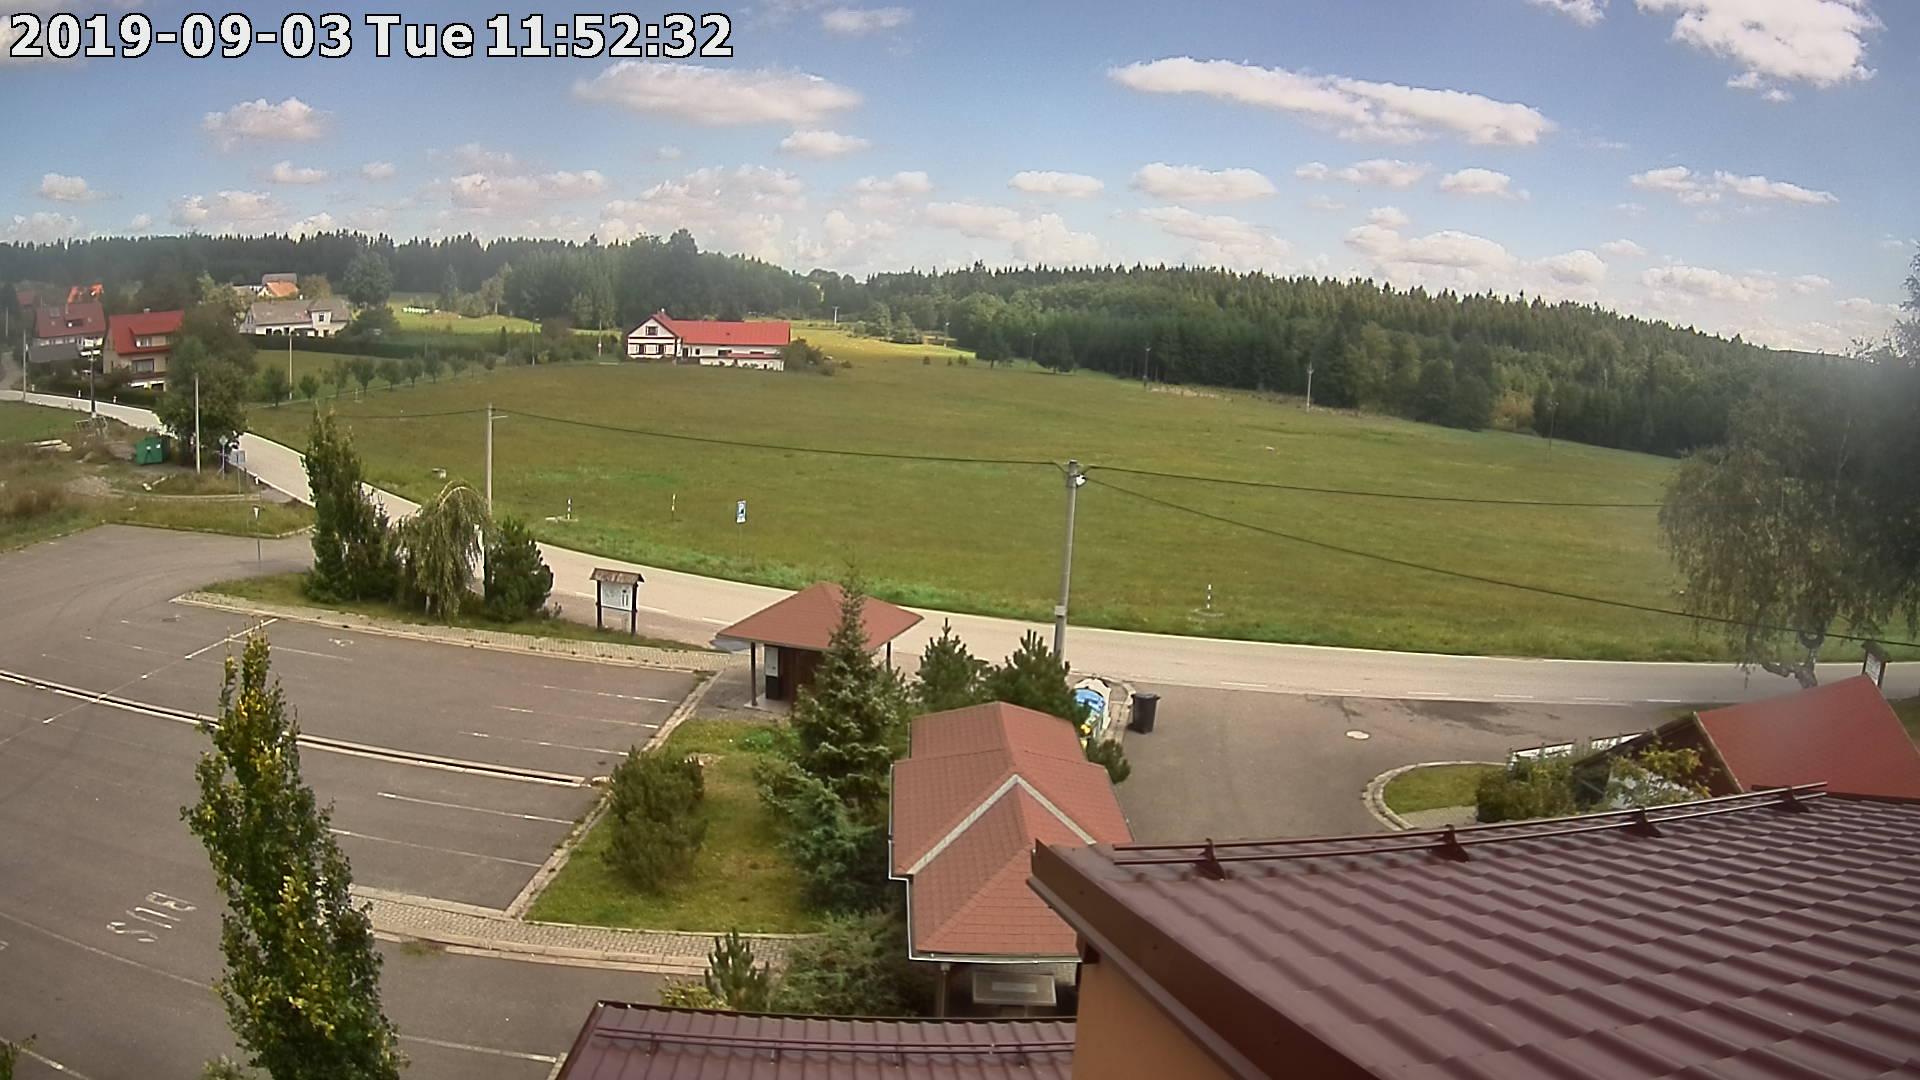 Webkamera ze dne 2019-09-03